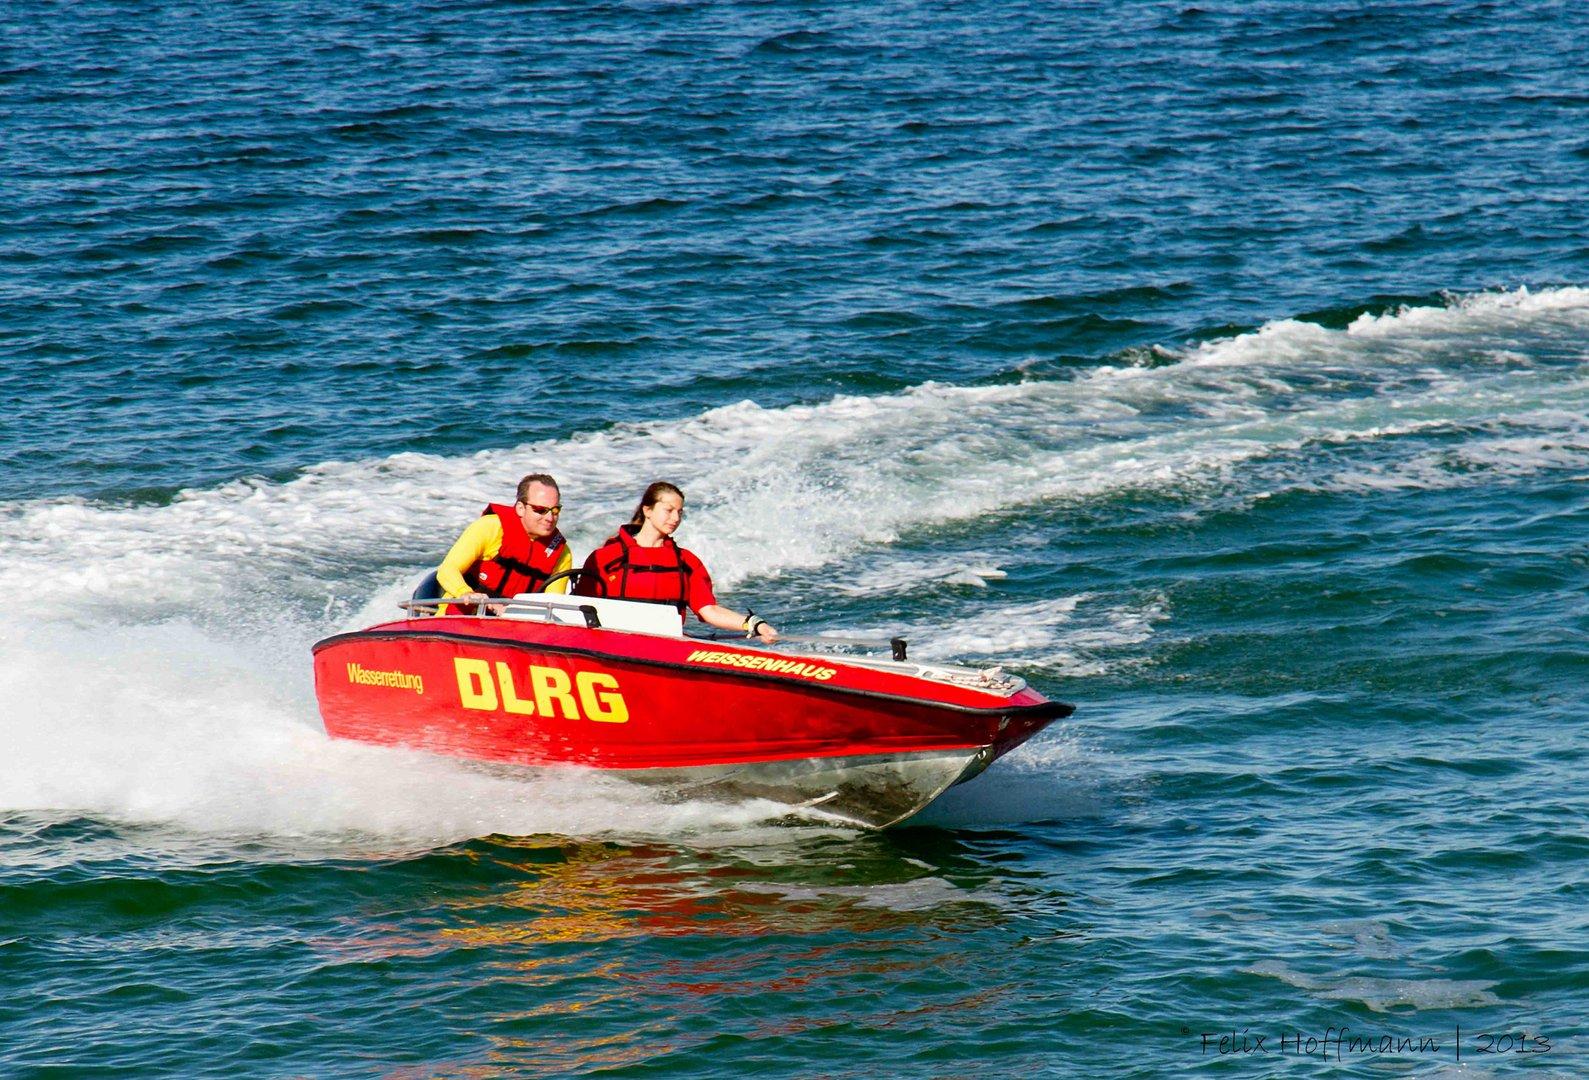 Rettungsschwimmer IV